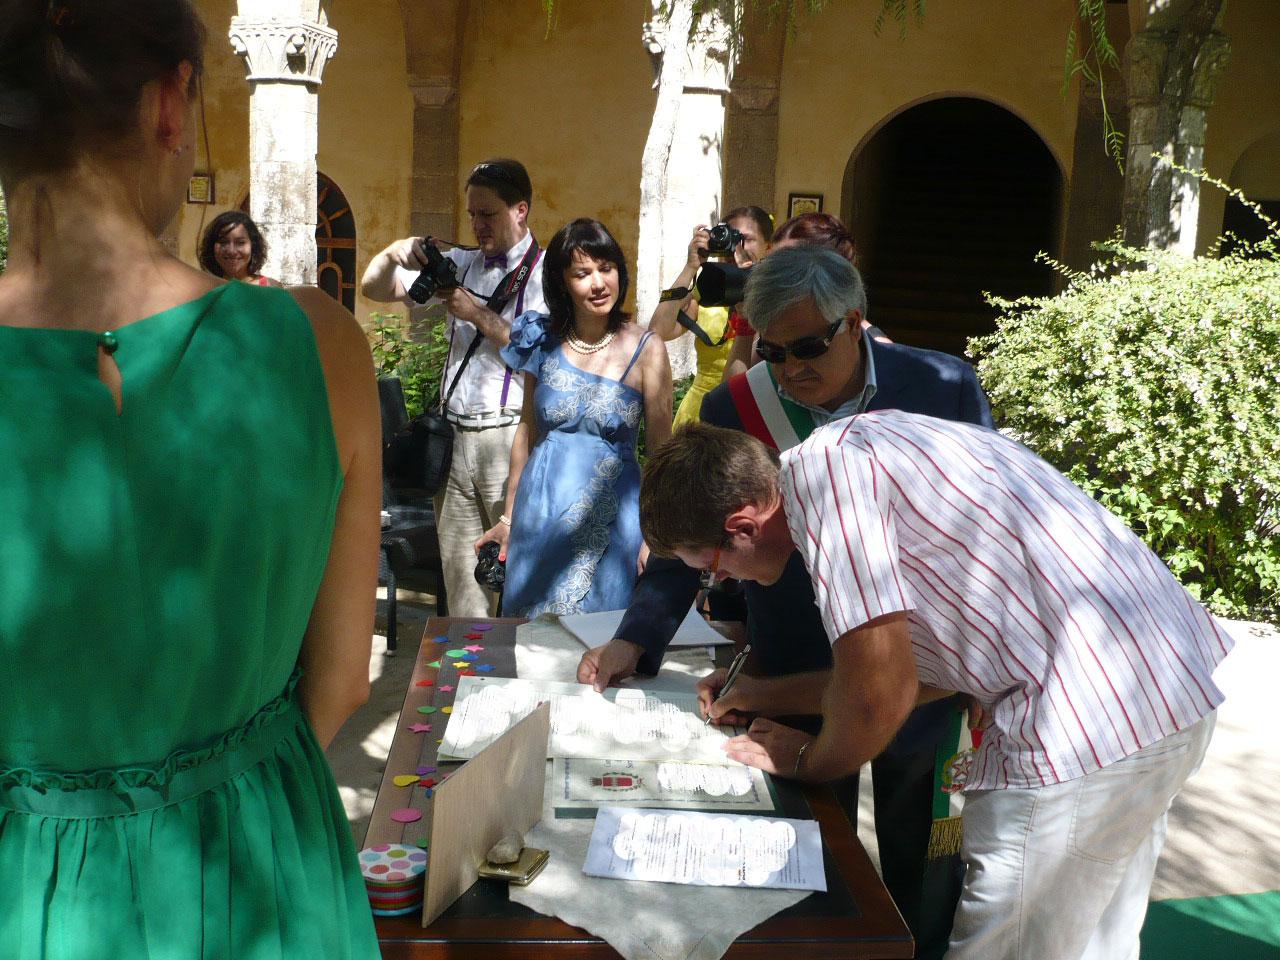 Matrimonio In Comune In Inglese : Interprete per matrimonio sposarsi in italia